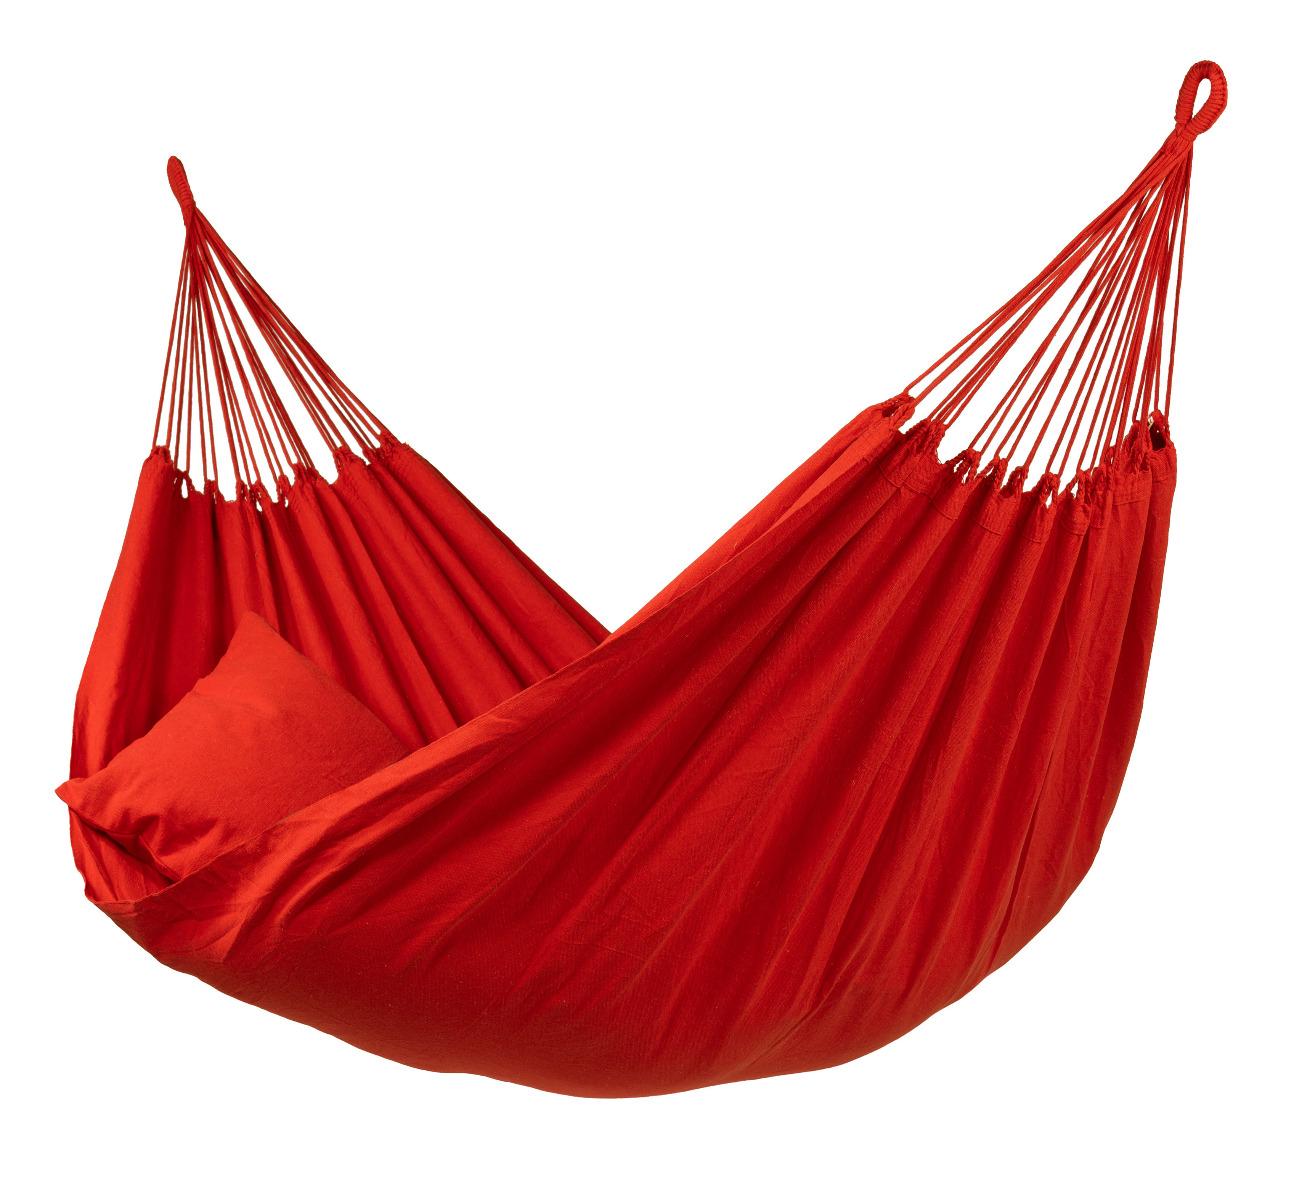 'Organic' Red Tweepersoons Hangmat - Rood - Tropilex �